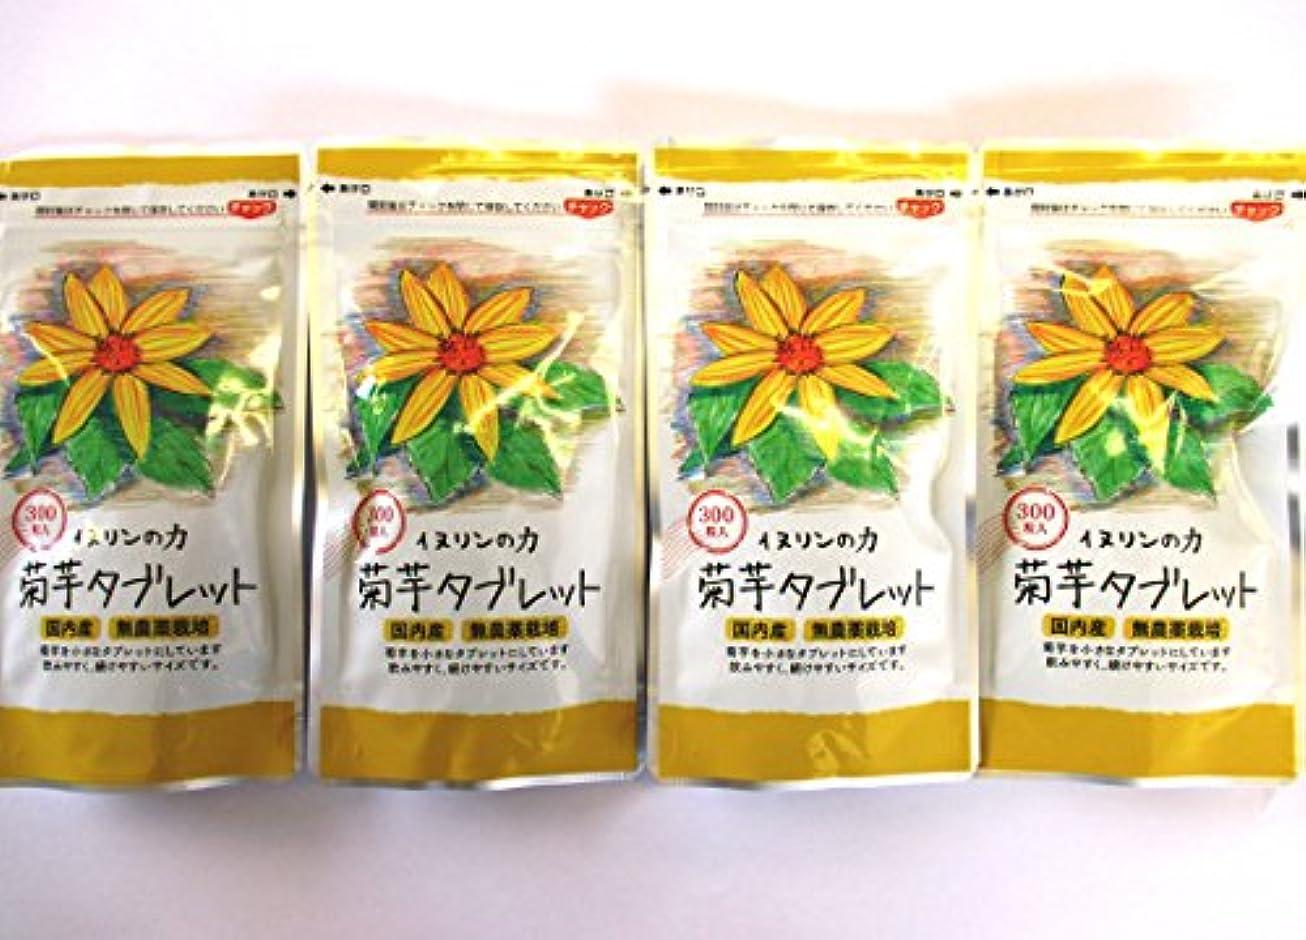 燃やす広告するダイエット菊芋タブレット 250mg×300粒 4個セット 内容量:300g ★4袋で生菊芋=2640g分相当です!